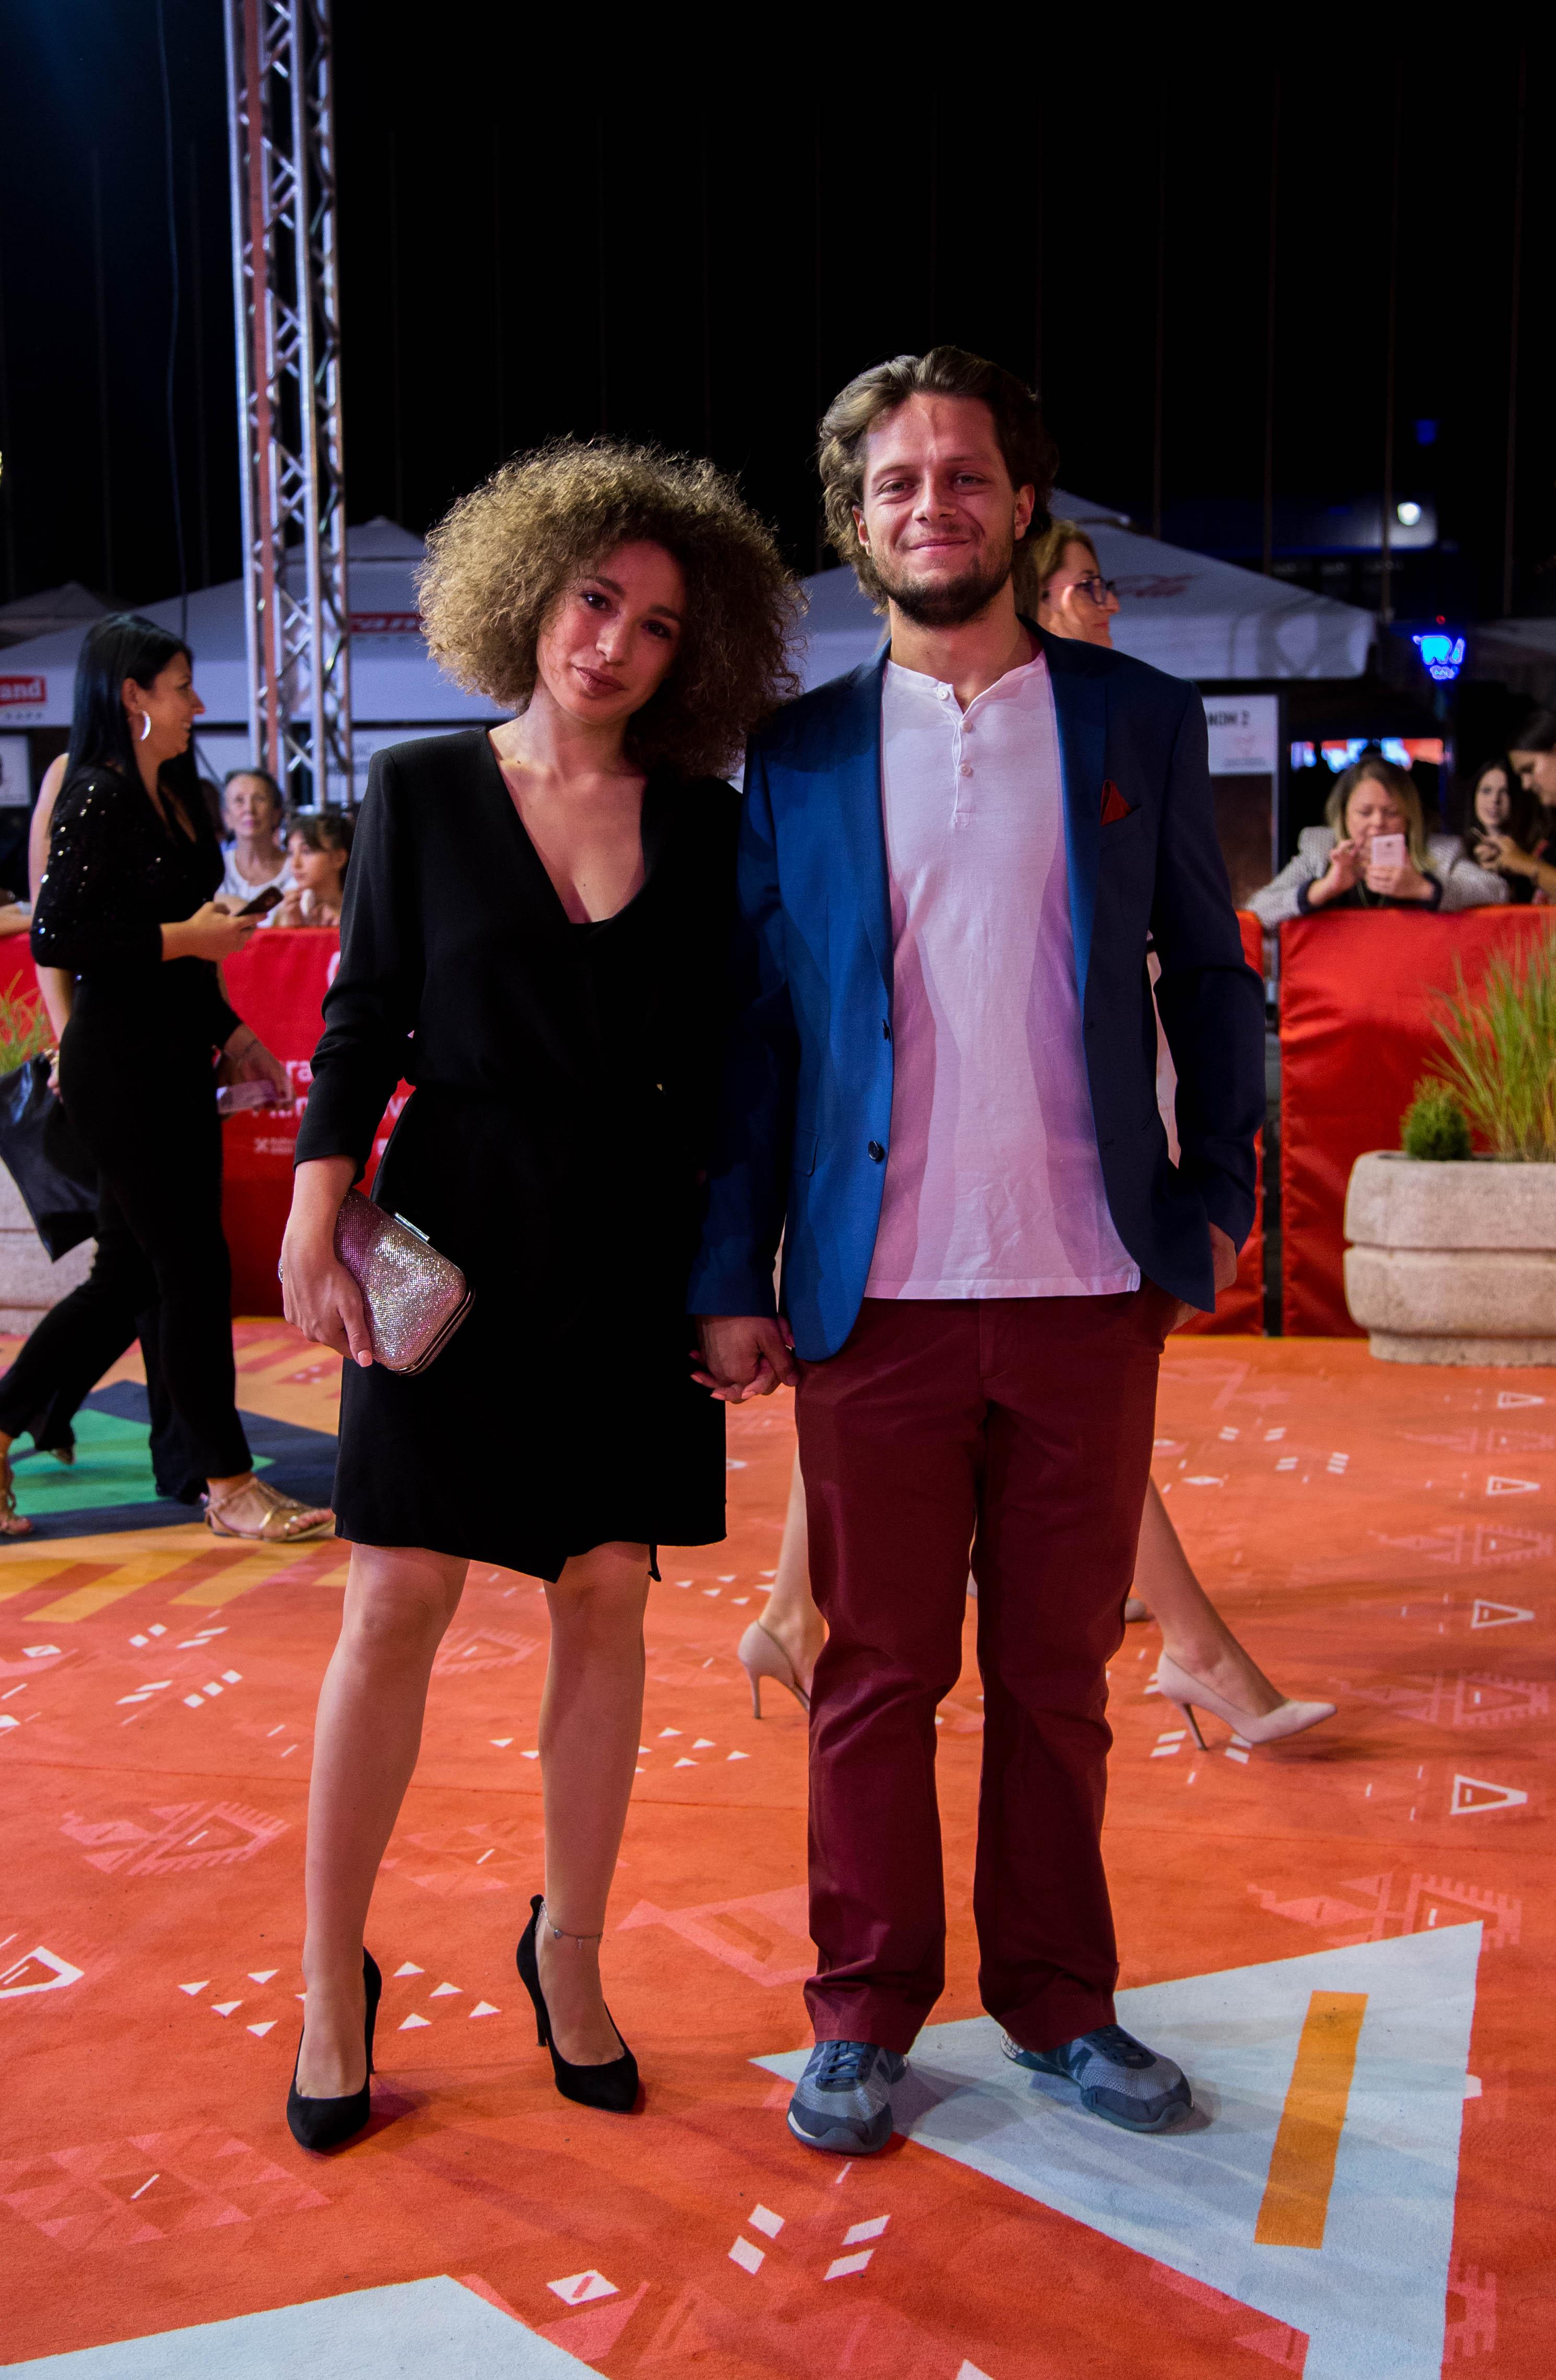 cetvrta noc sarajevo film festival senka catic (47)